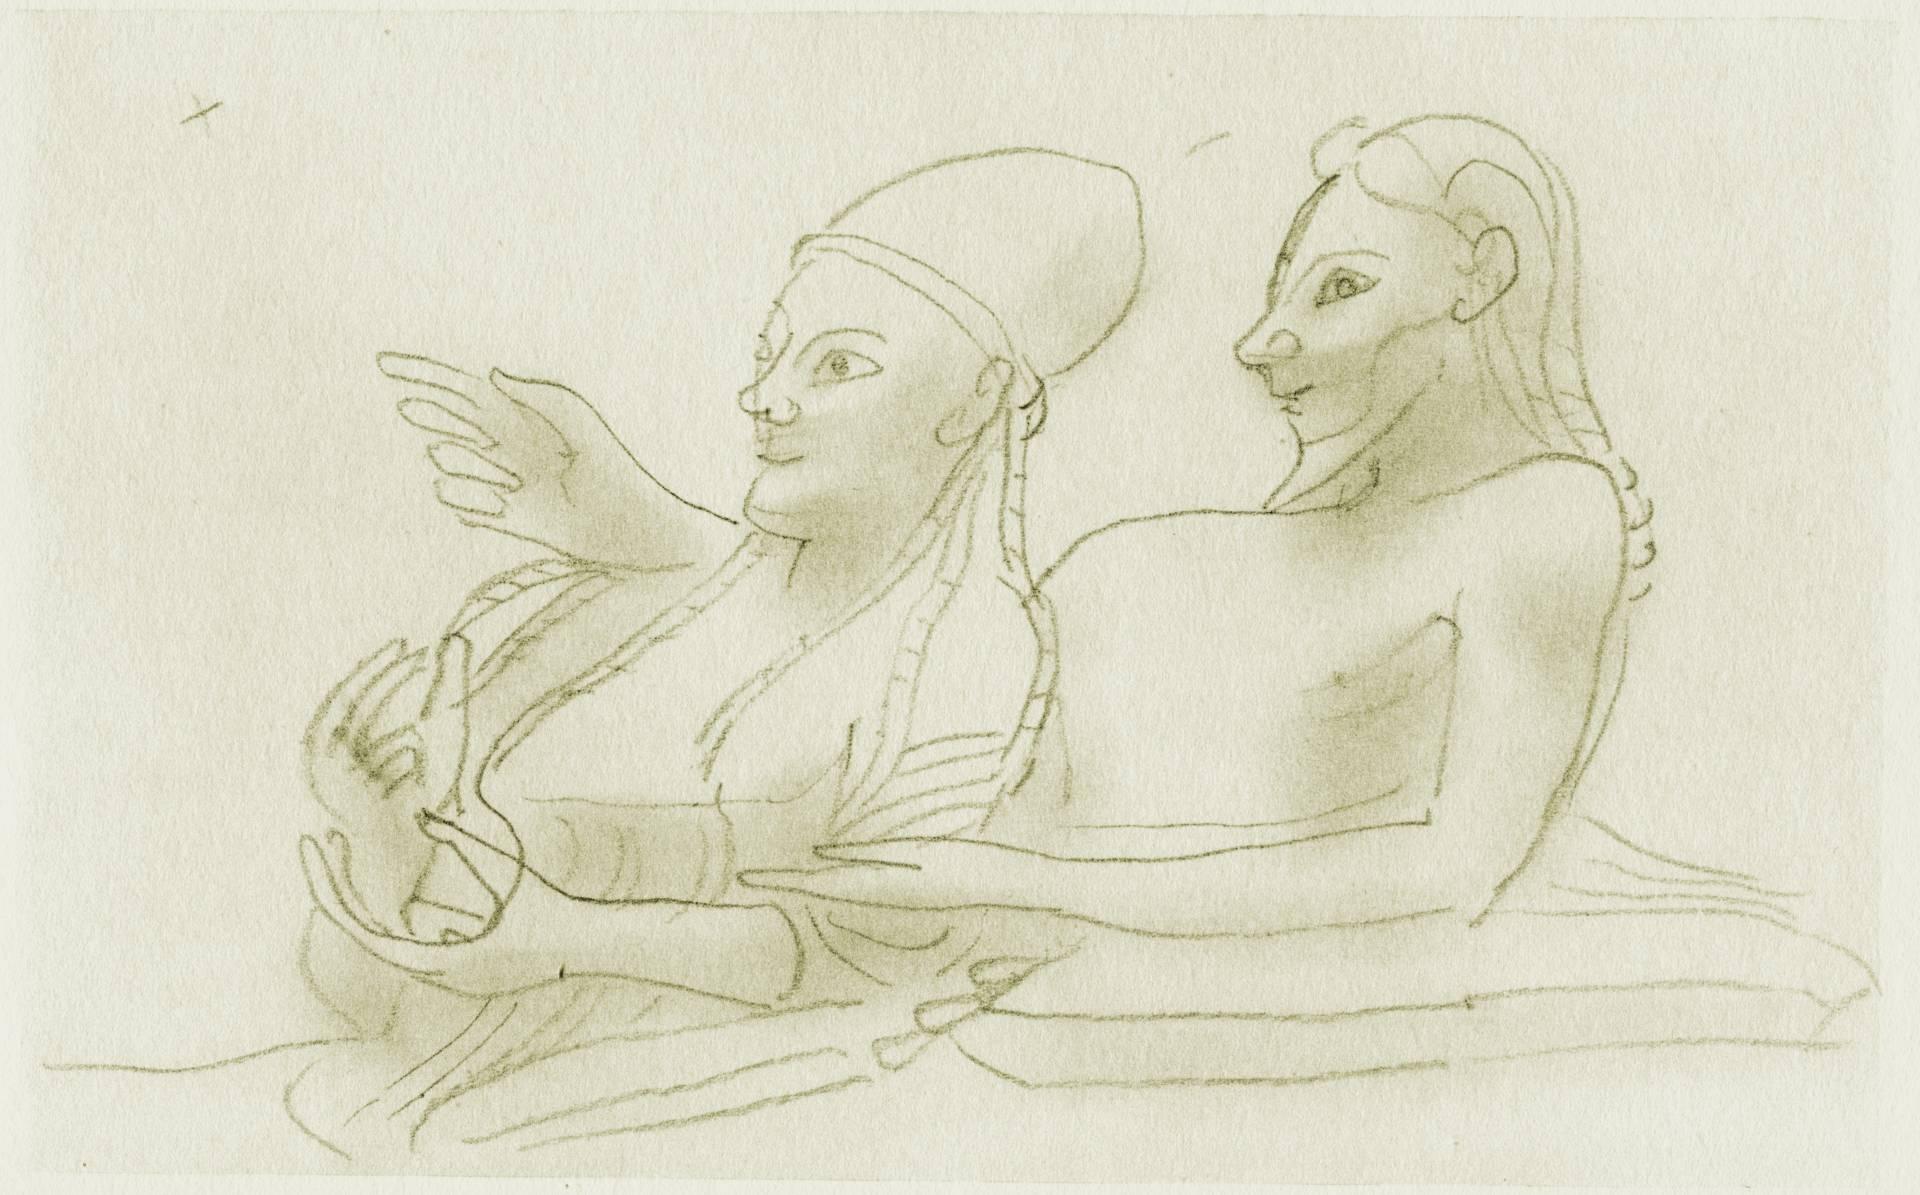 Gerhard Marcks, Sarkophag der Eheleute, 1958, Bleistift, 130 x 180 mm